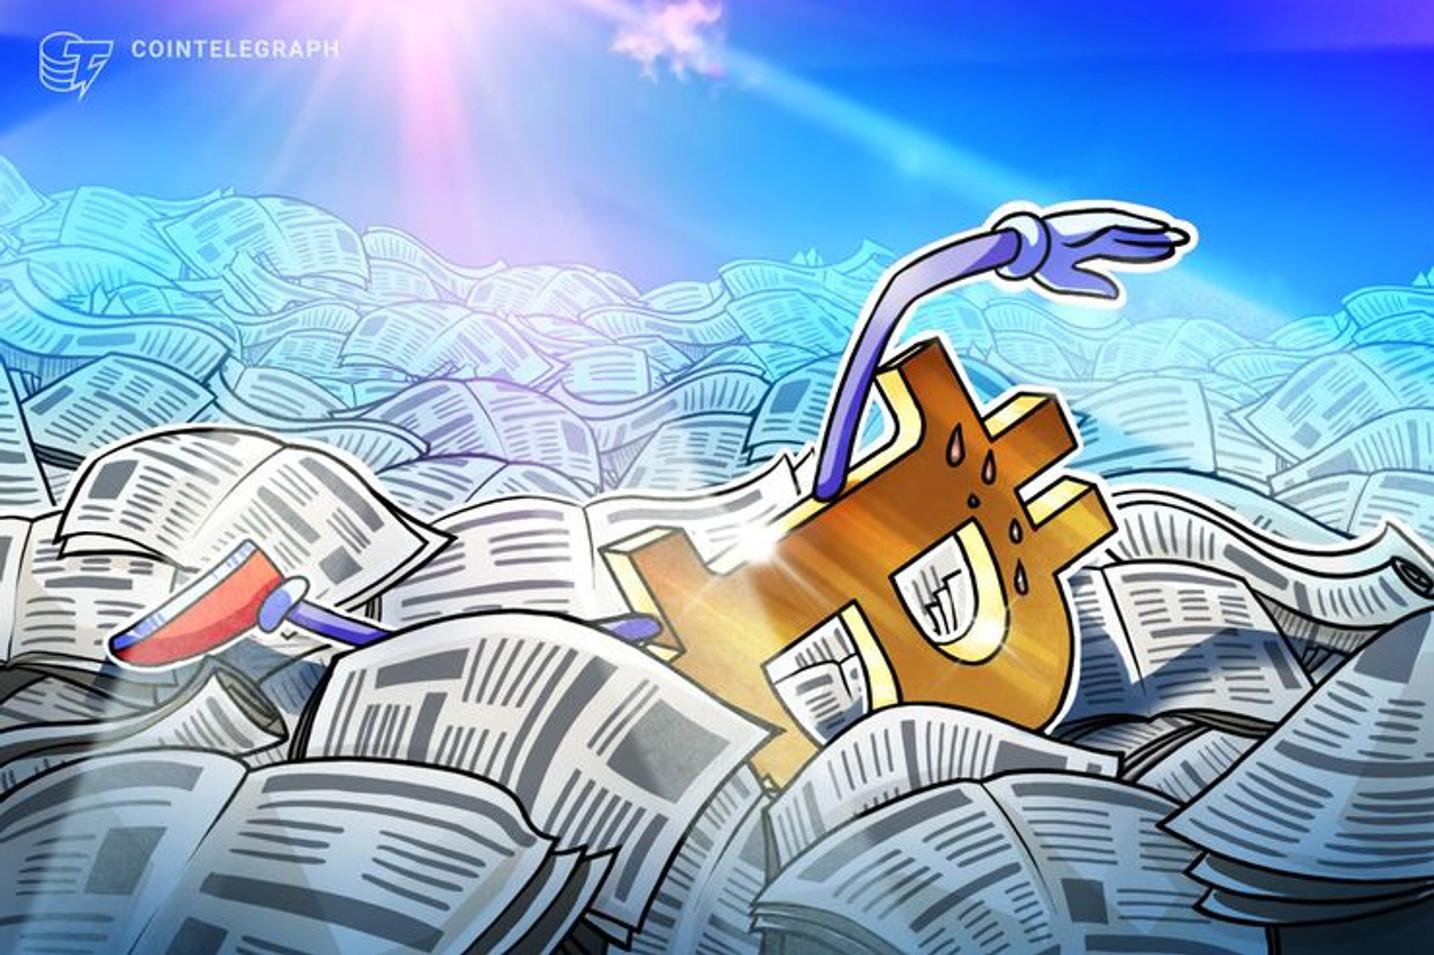 Mercado Bitcoin pode ter custodiado BTC de operador de suposta pirâmide financeira ArbCrypto